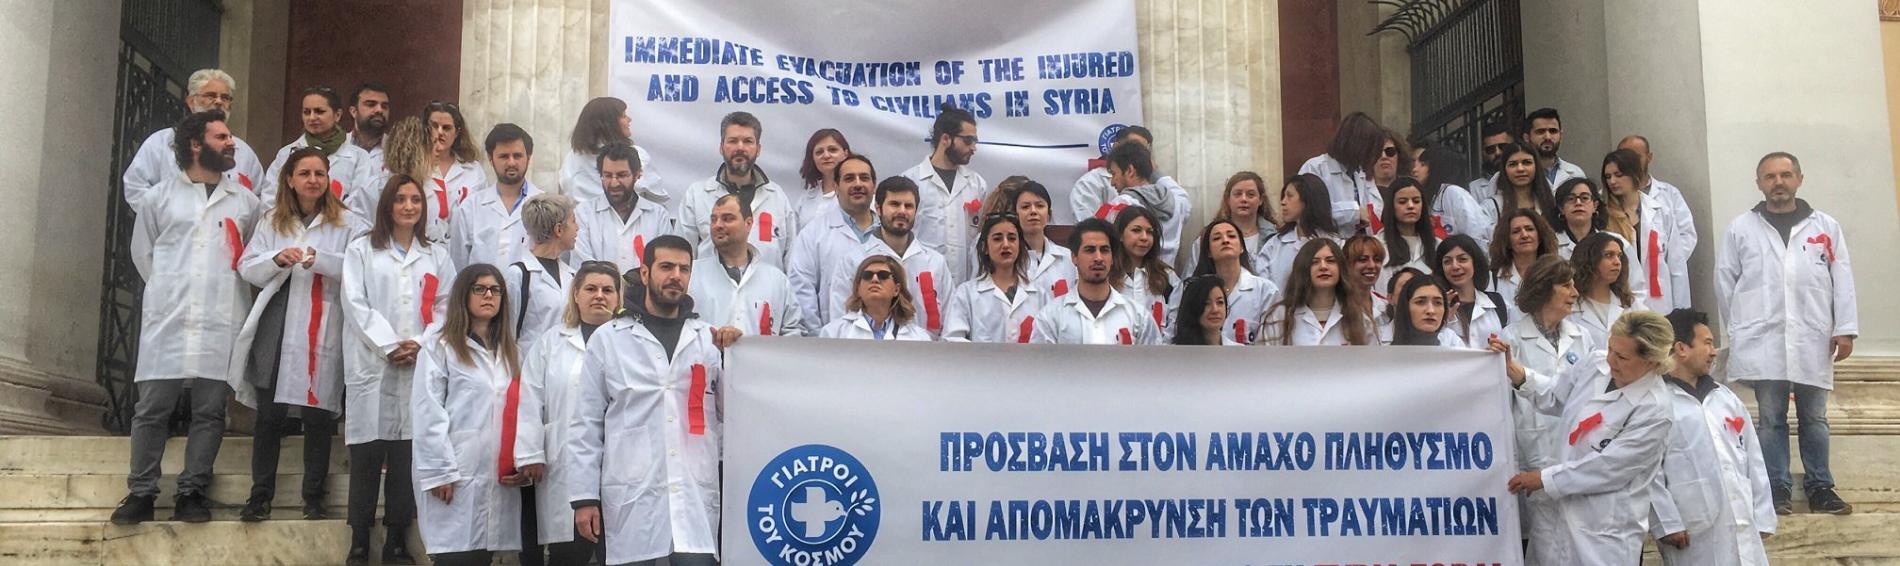 Kollosseum in Athen: Auch die griechischen Kolleg(inn)en von Ärzte der Welt protestieren. Foto: Ärzte der Welt